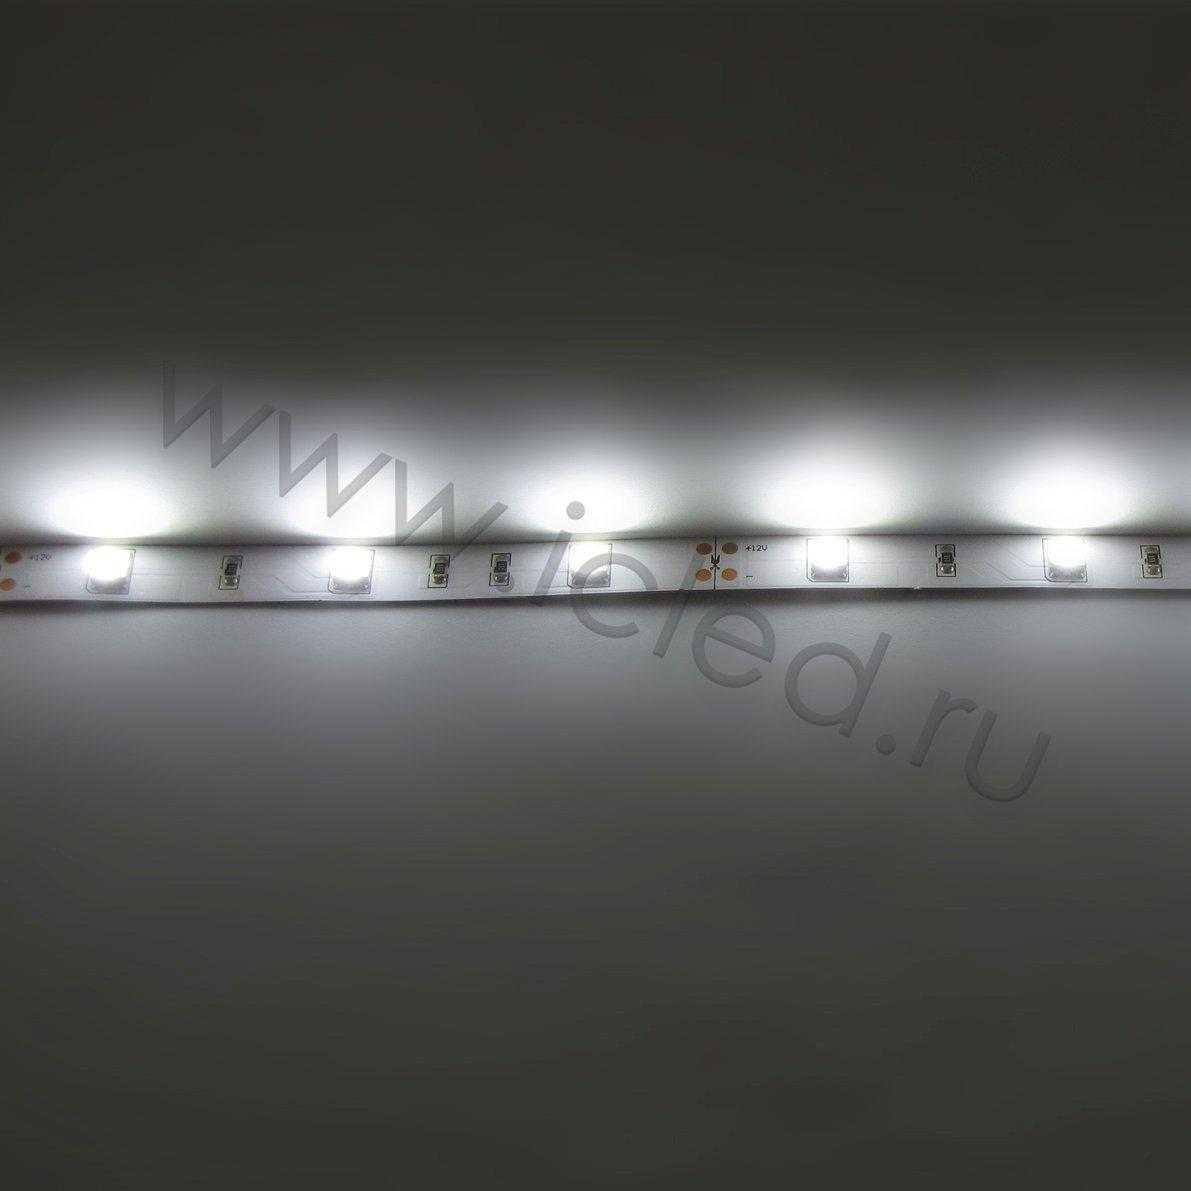 Светодиодная лента Class B, 5050, 30 led/m, White, 12V, IP33